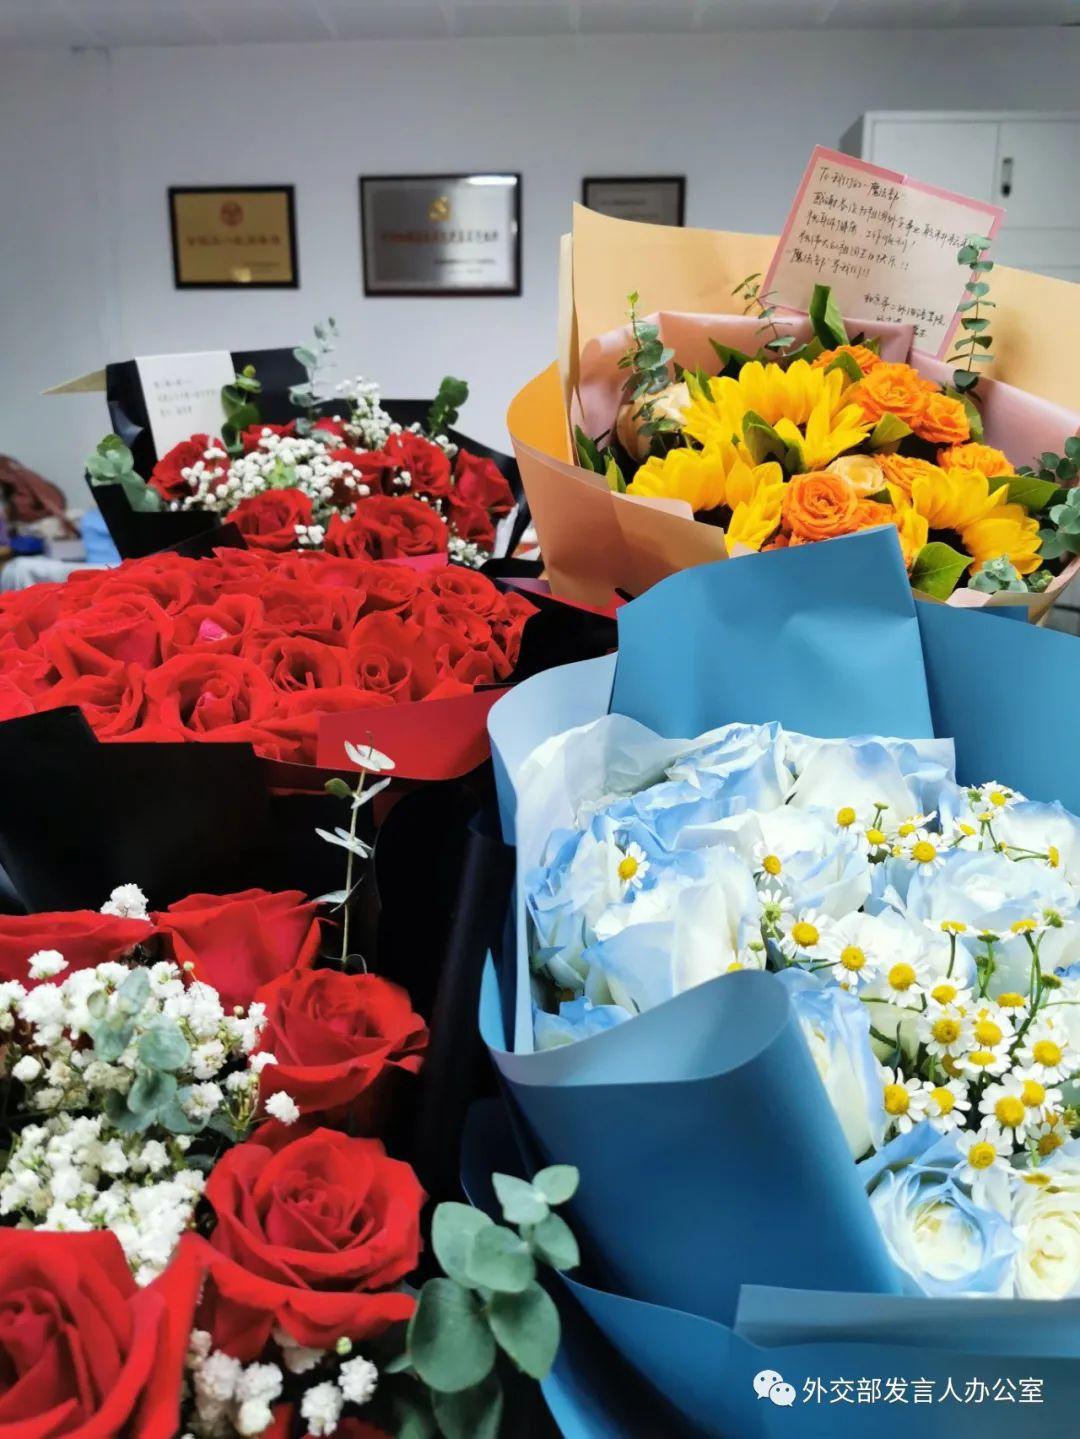 鲜花收悉 感谢好意